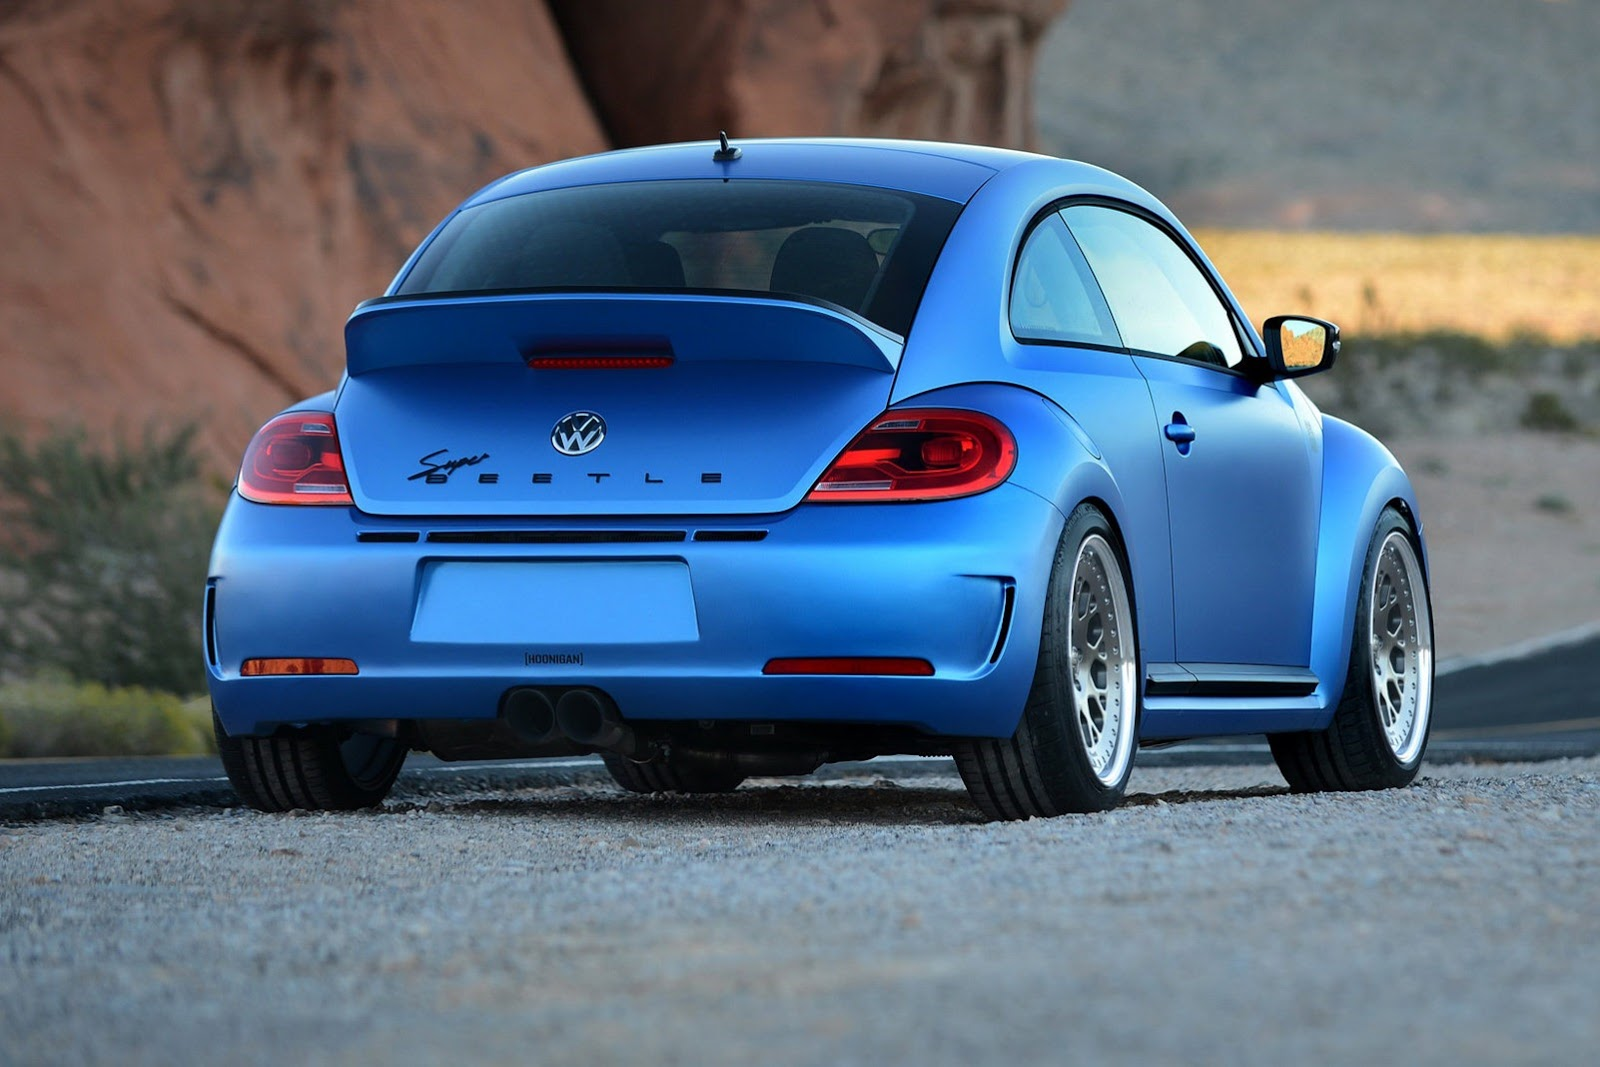 2001 Volkswagen Beetle Turbo